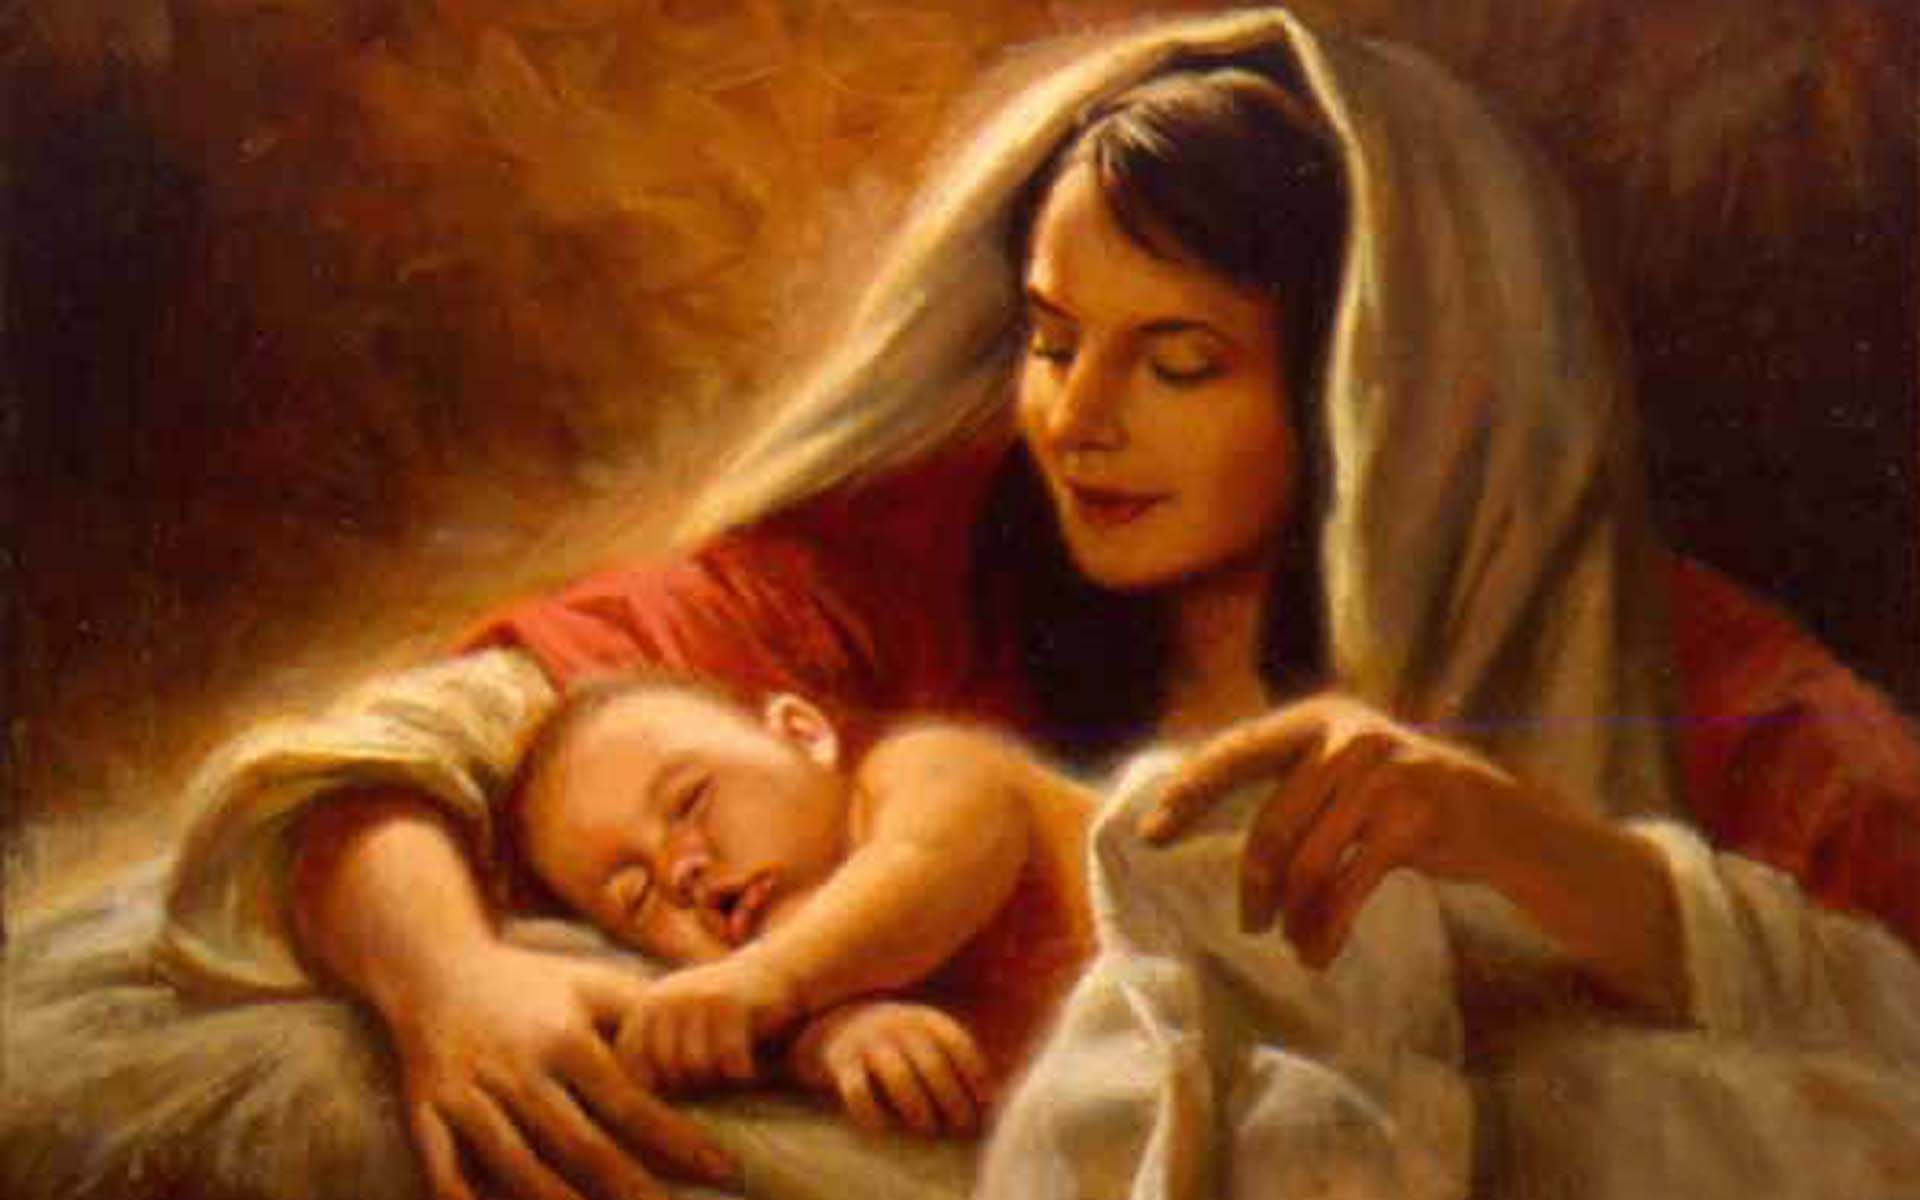 merry jesus-recien-nacido-nace-de-una-virgen